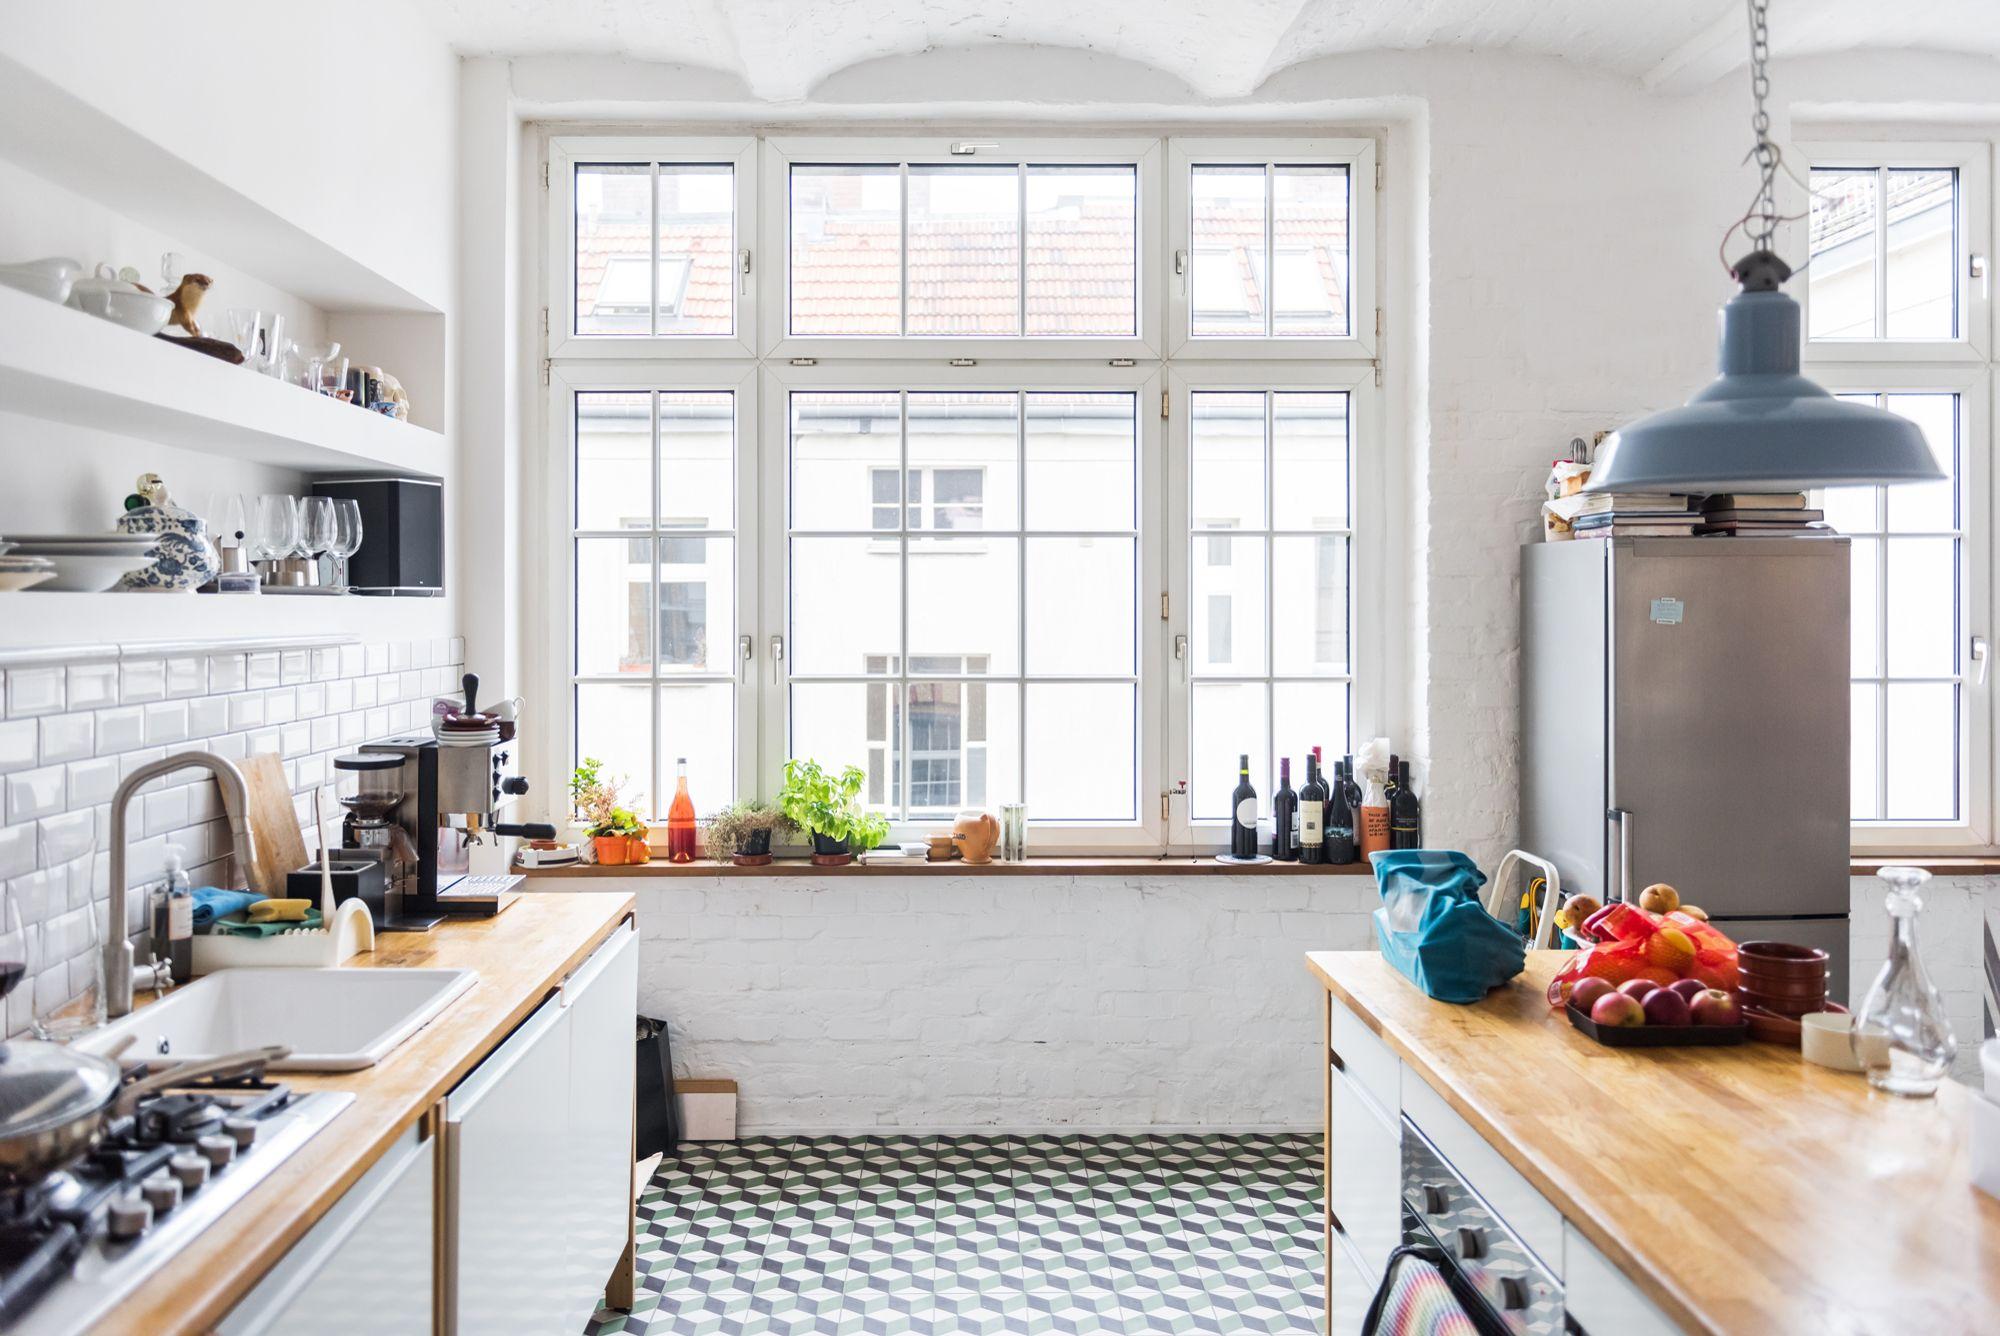 Refaire Une Cuisine À Moindre Frais rénovation de la cuisine: 5 choses à savoir